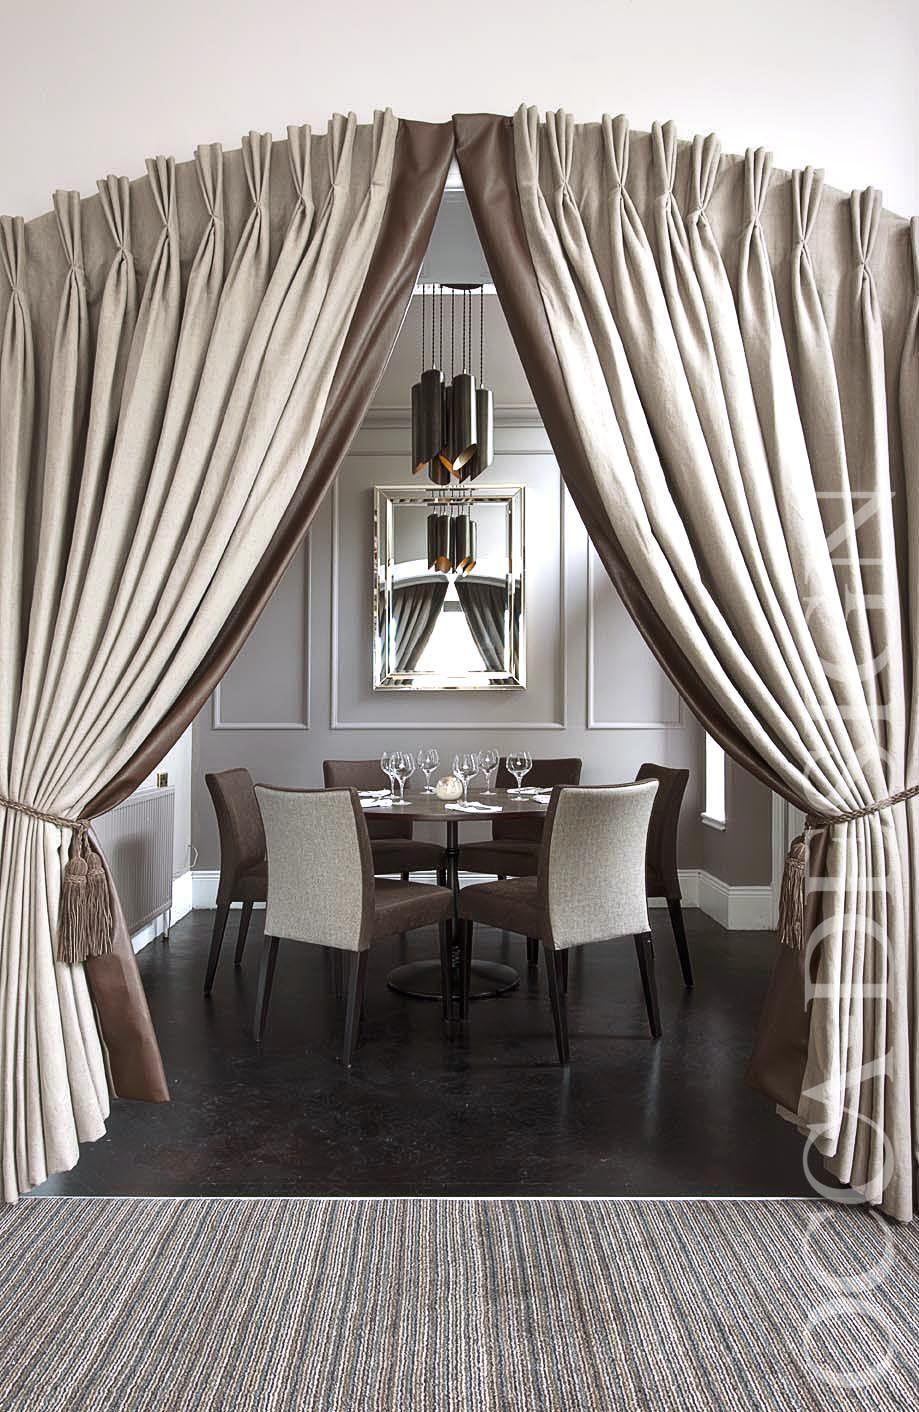 Hotel Interior Design Restaurant Interior Design Private Dining